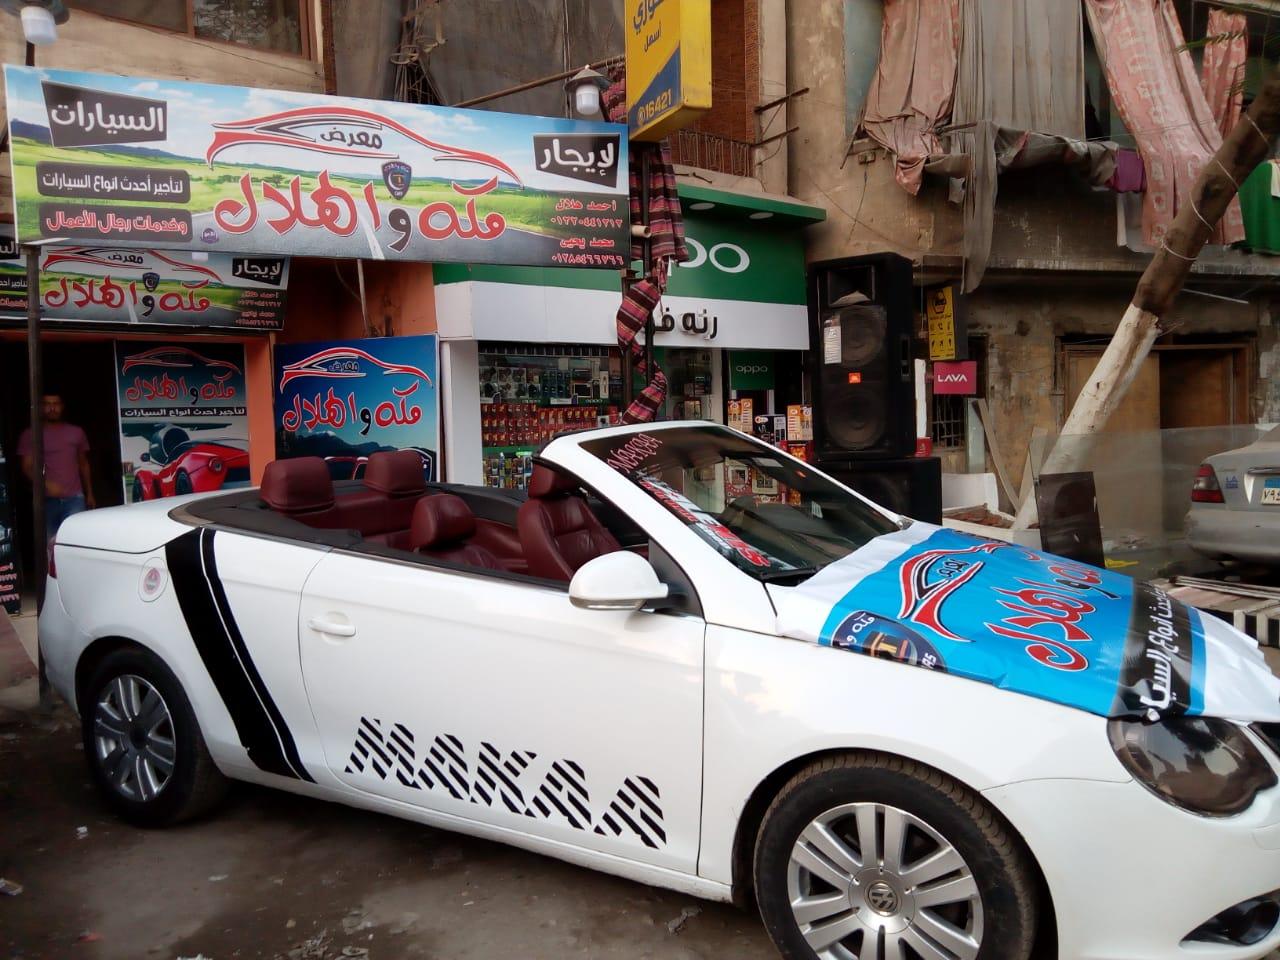 معرض سيارات مكه والهلال